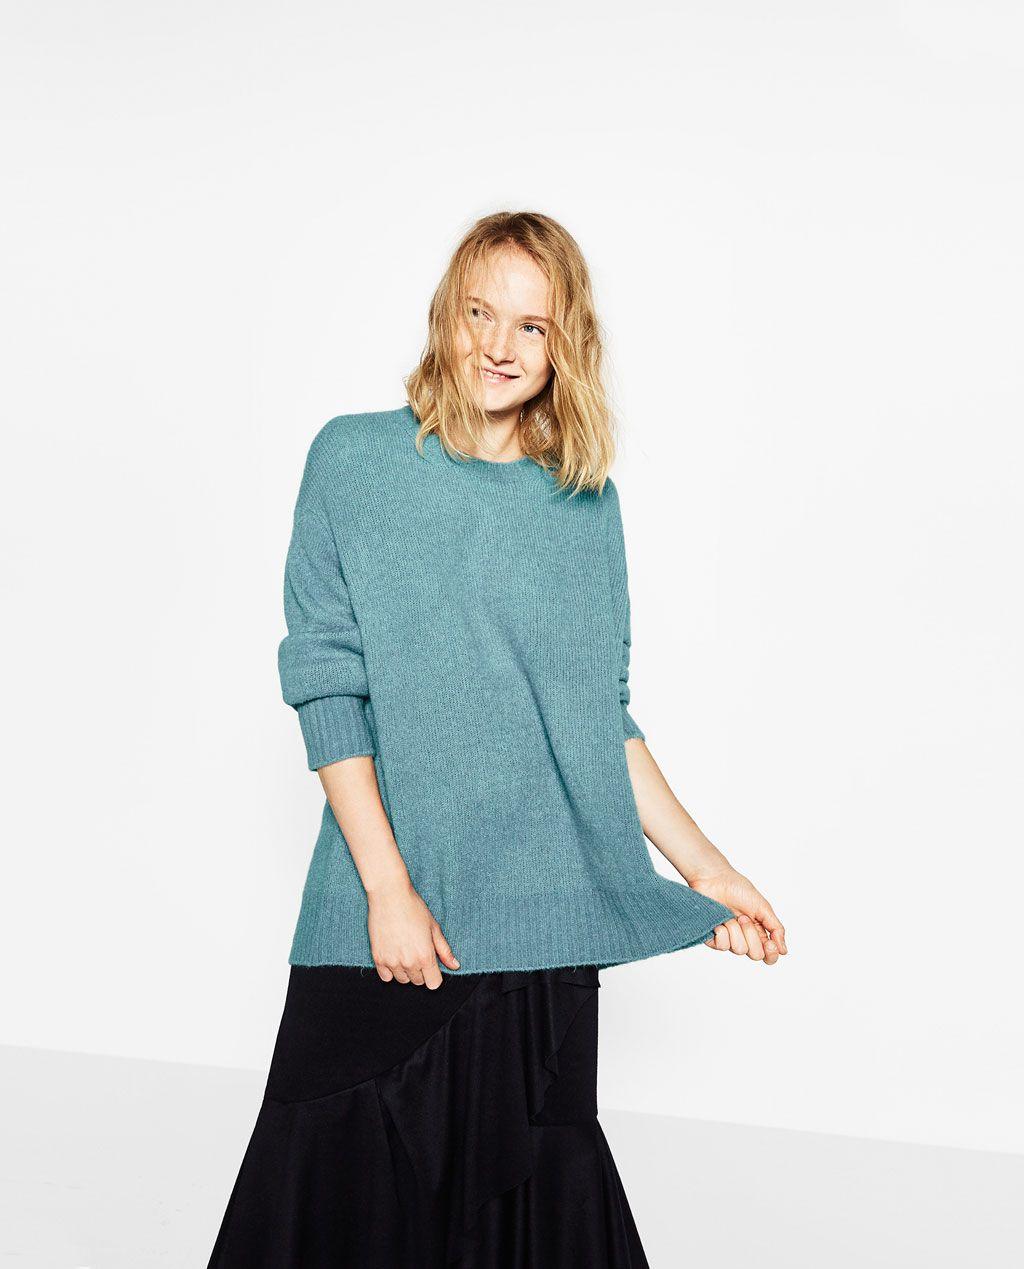 Bild 2 von OVERSIZE-PULLOVER von Zara | Shopping List ... - photo#29